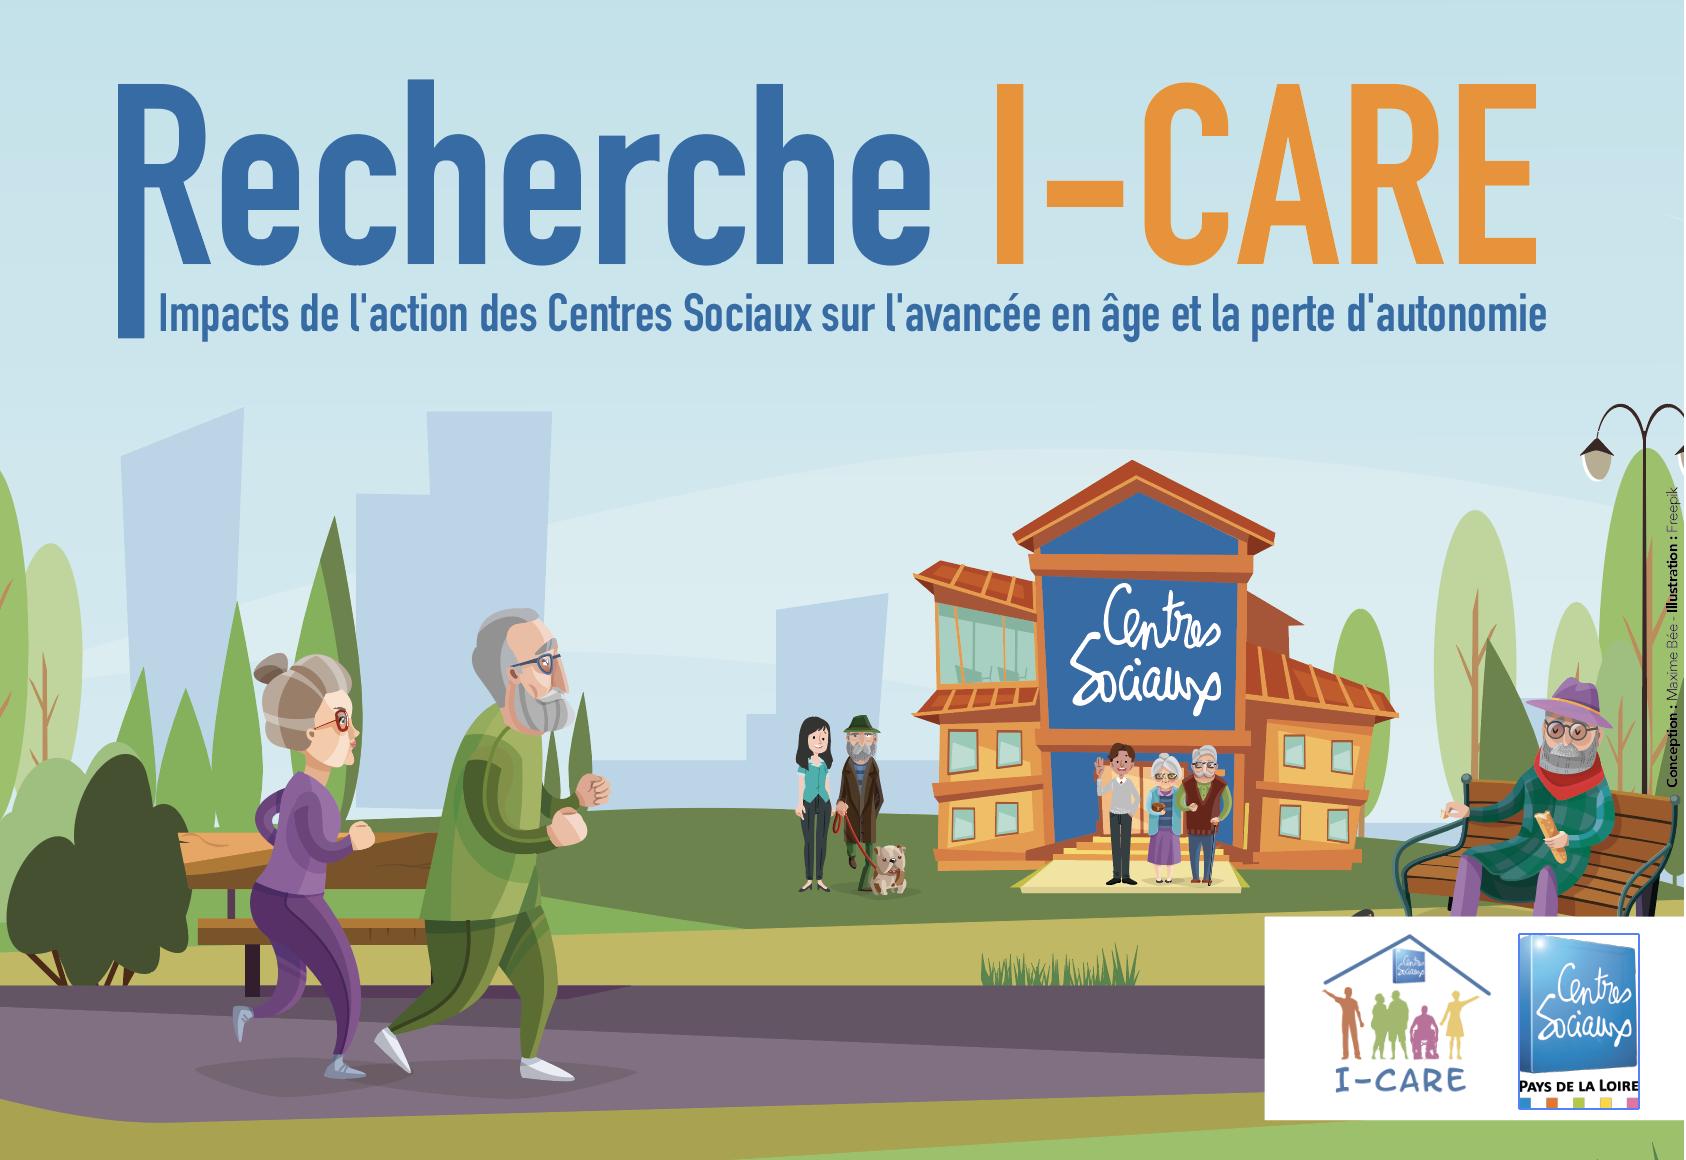 Recherche I-care - Centres Sociaux et vieillissement